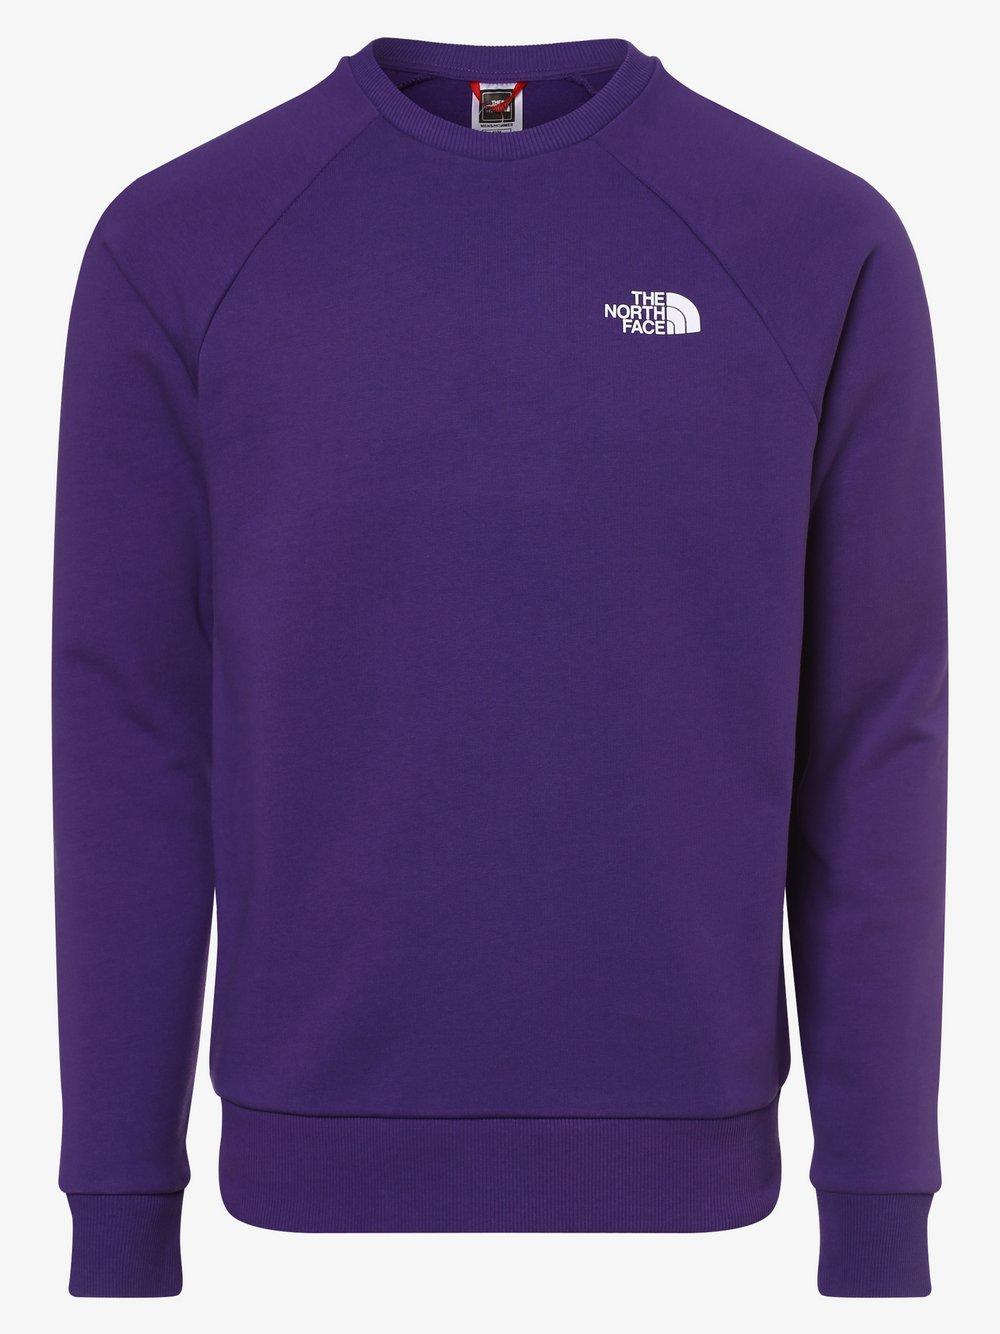 The North Face - Męska bluza nierozpinana, lila